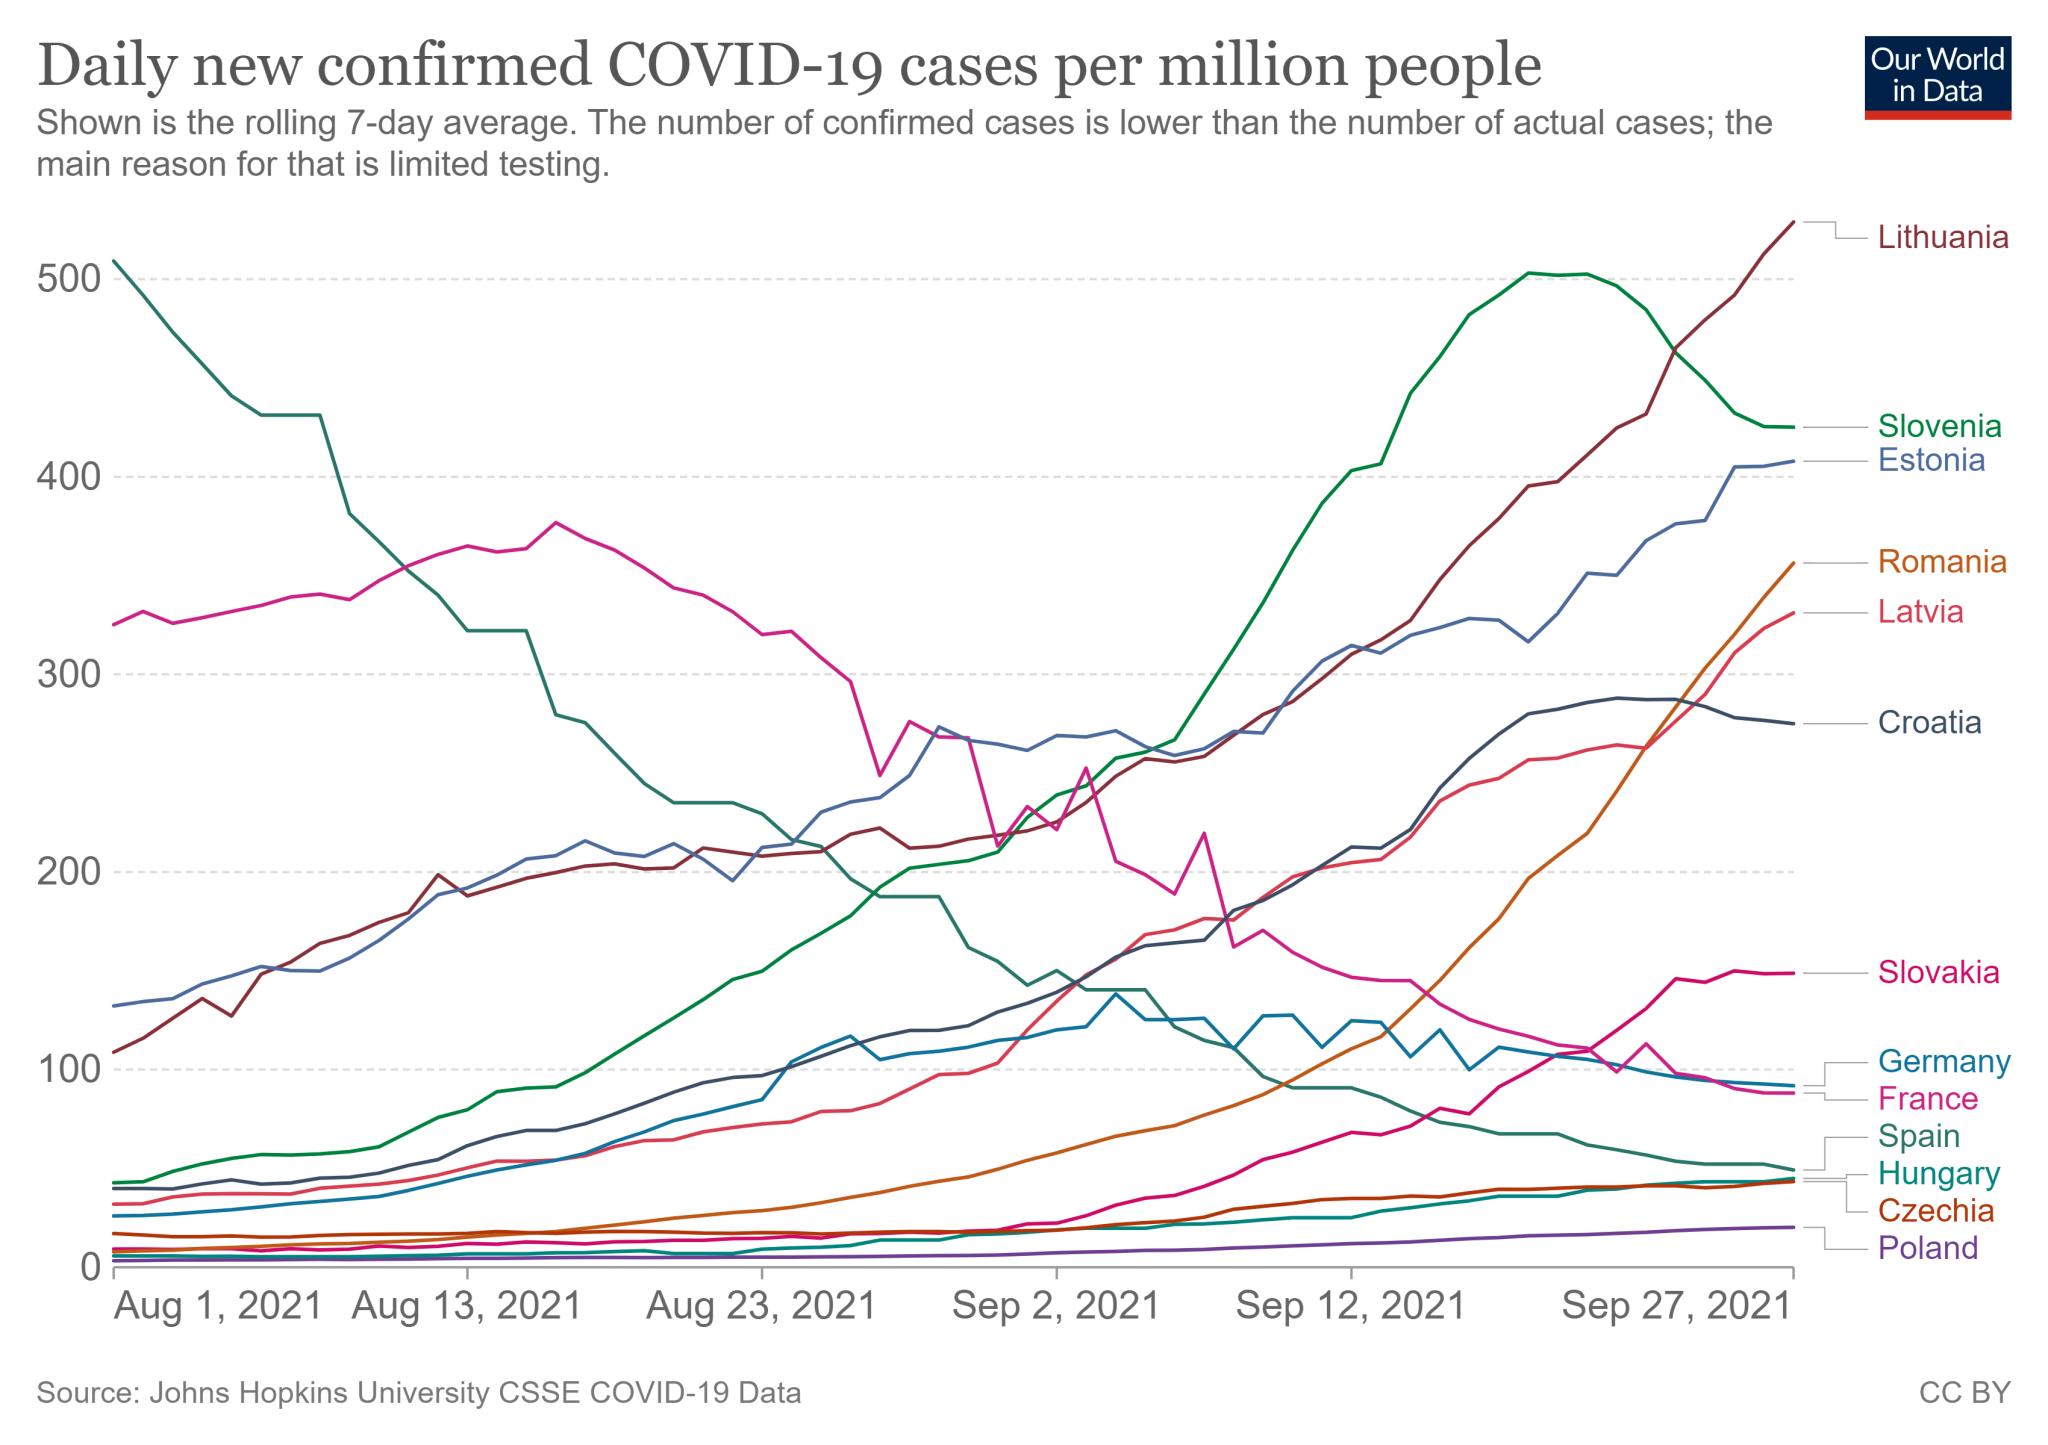 Średnia tygodniowa liczba zakażeń COVID-19 na milion mieszkańców w wybranych krajach Unii Europejskiej (od 1 sierpnia do 27 września 2021)